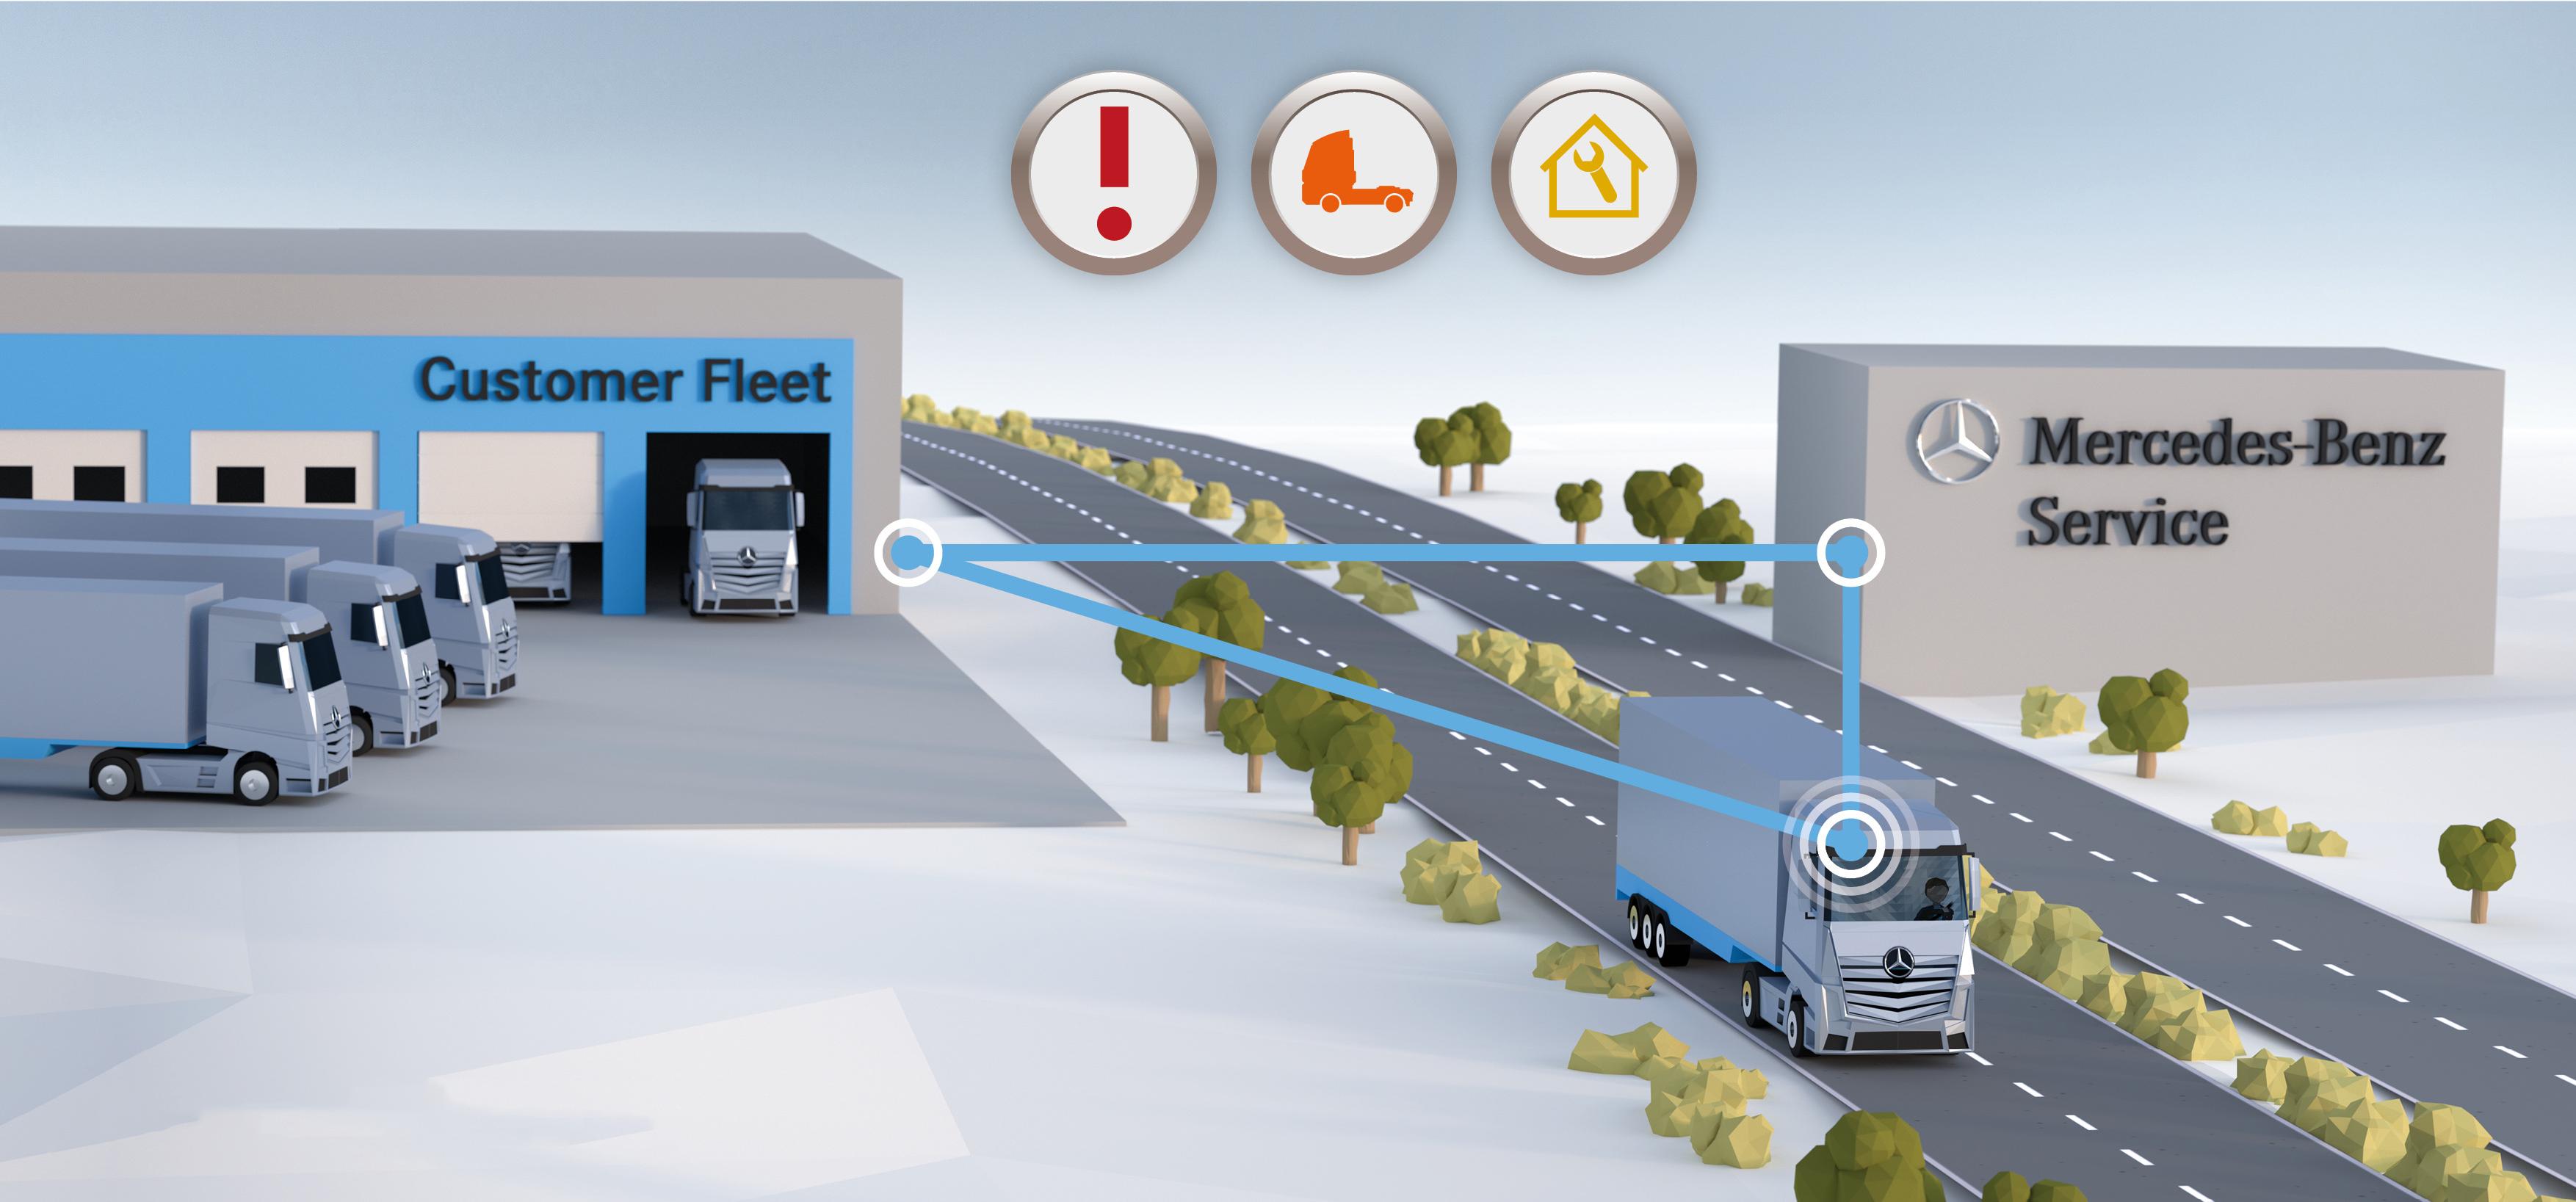 Mercedes-Benz inför service-uppkoppling som standard på alla lastbilar.